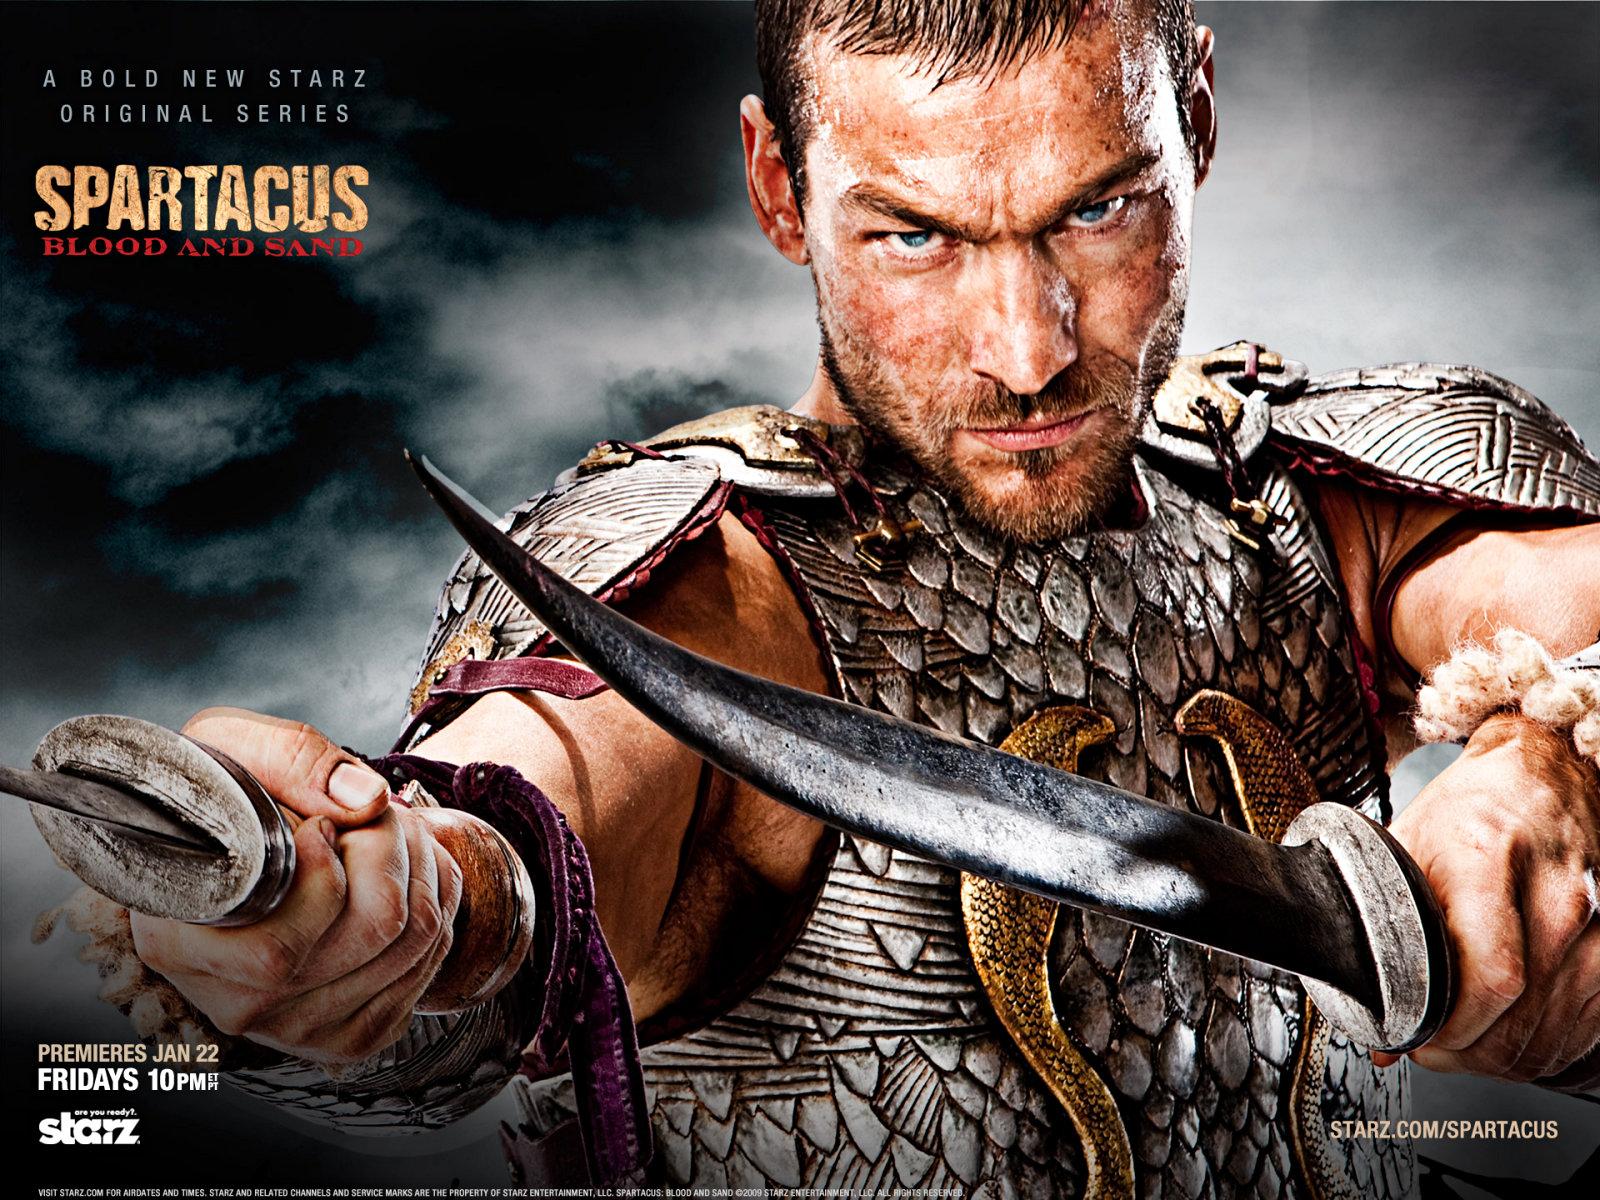 http://1.bp.blogspot.com/-ThzBorngG5U/TrdeDapebNI/AAAAAAAApdQ/U1Bb8lQrITU/s1600/Spartacus-Blood-and-Sand-wallpaper-3.jpg